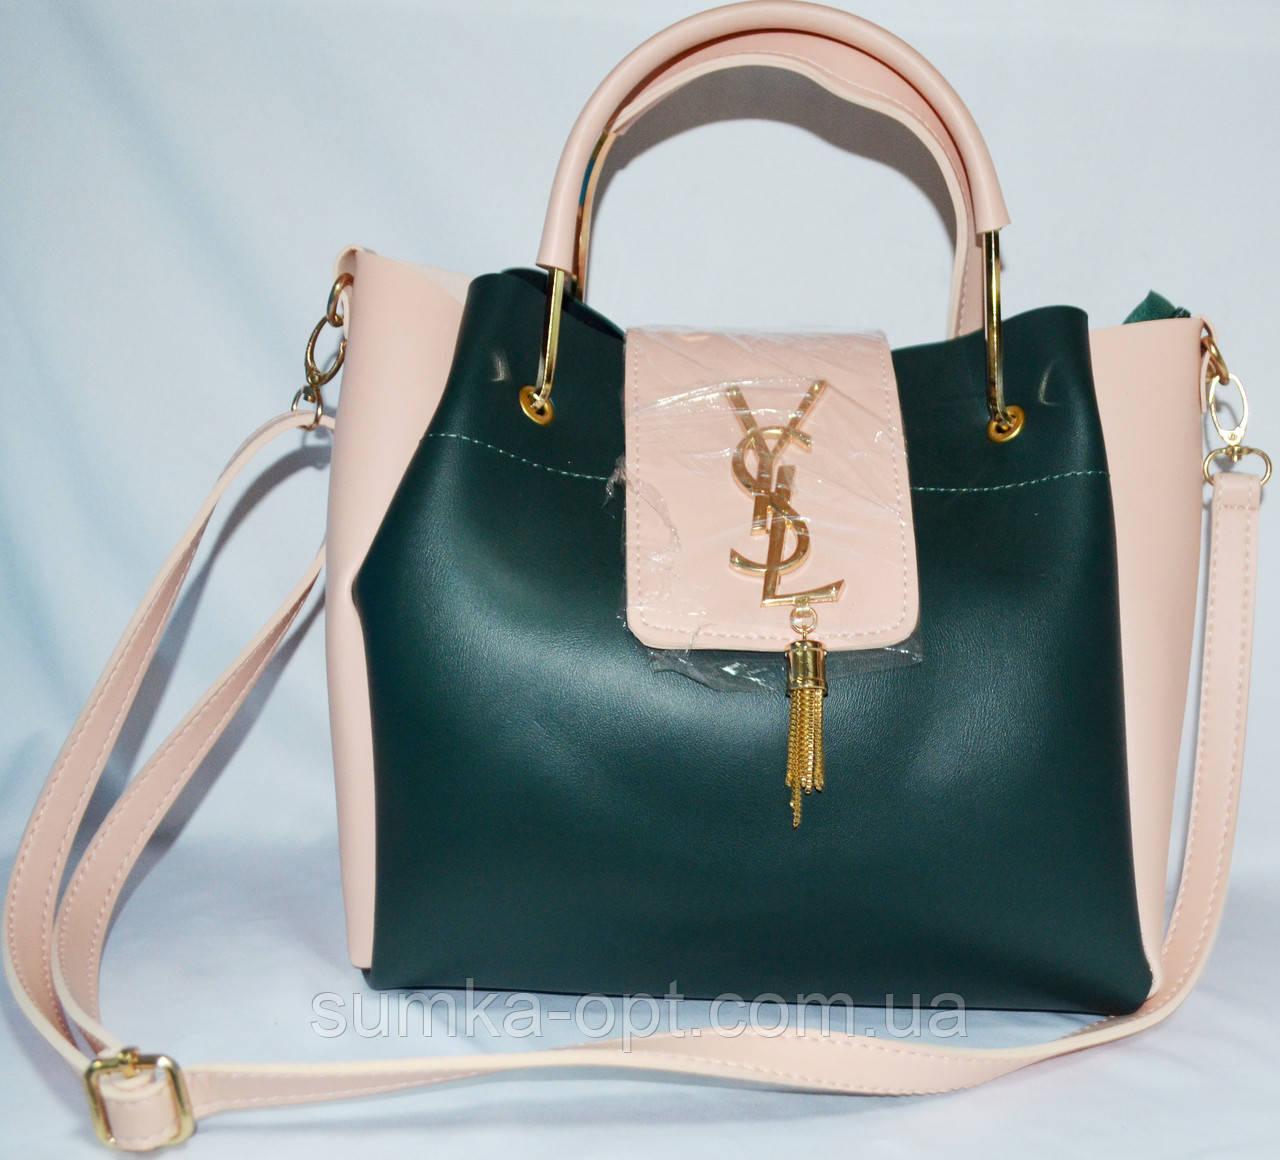 53dfcdf3c748 Женские сумки брендовые YSL 2-в-1 эко кожа(зеленый-пудра)24*27 ...